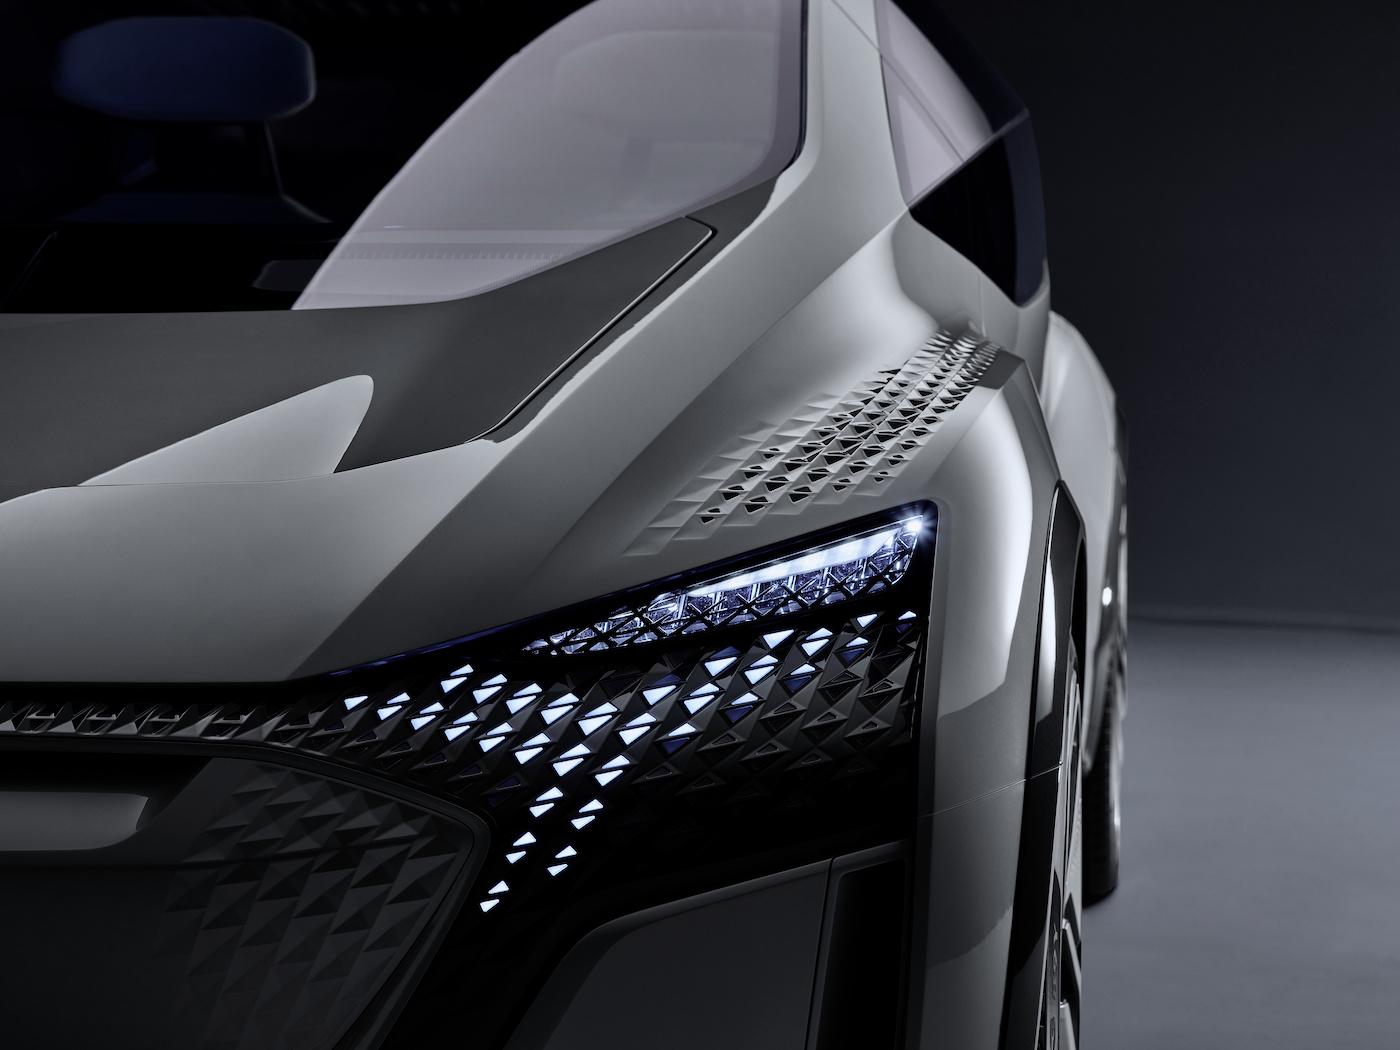 Der kompakte Audi der Zukunft: Das ist der Audi AI:ME 22